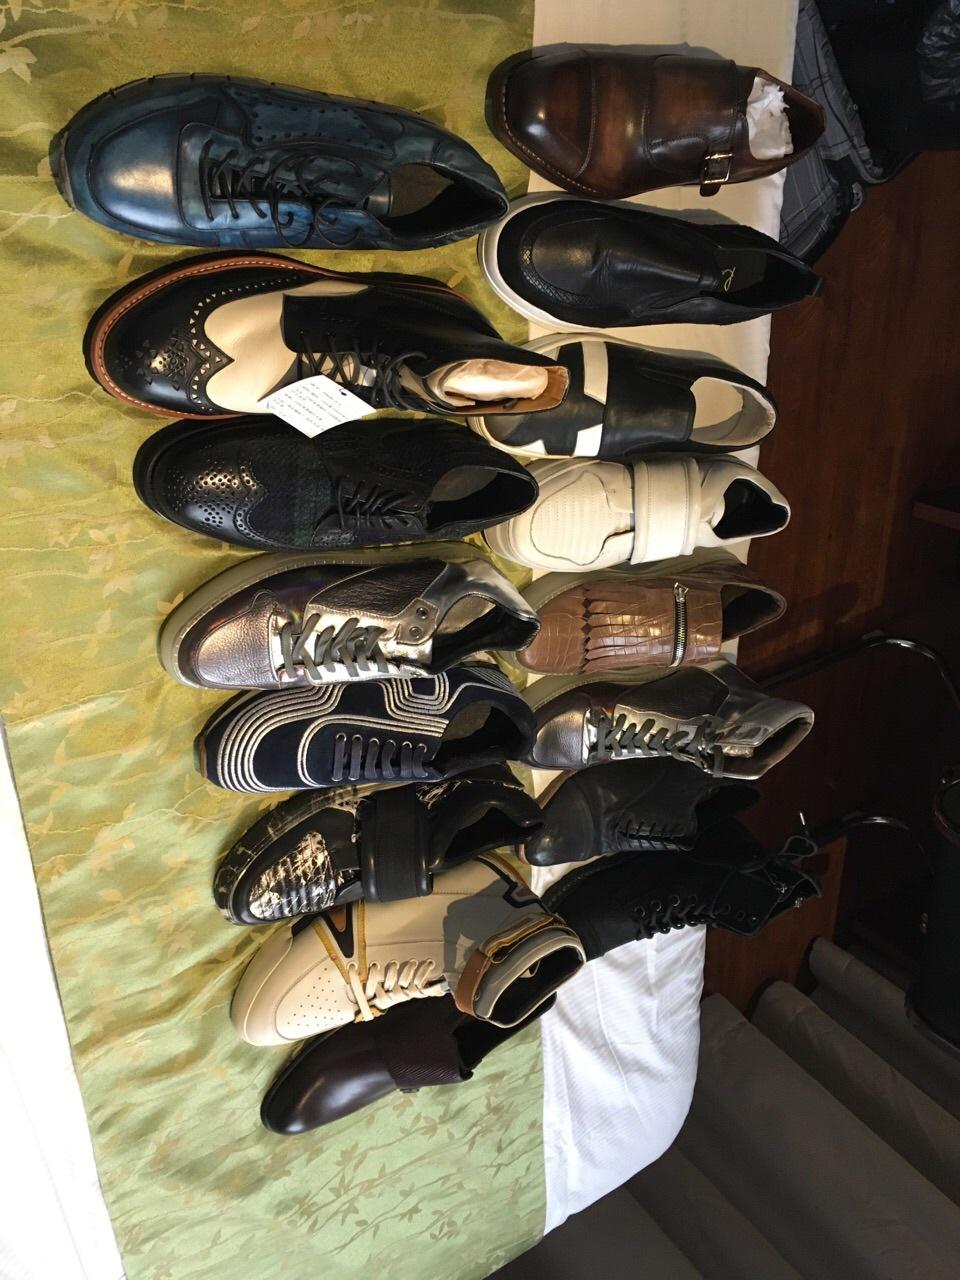 特价男鞋古装皮鞋外贸进口高端东莞品牌专柜休闲鞋